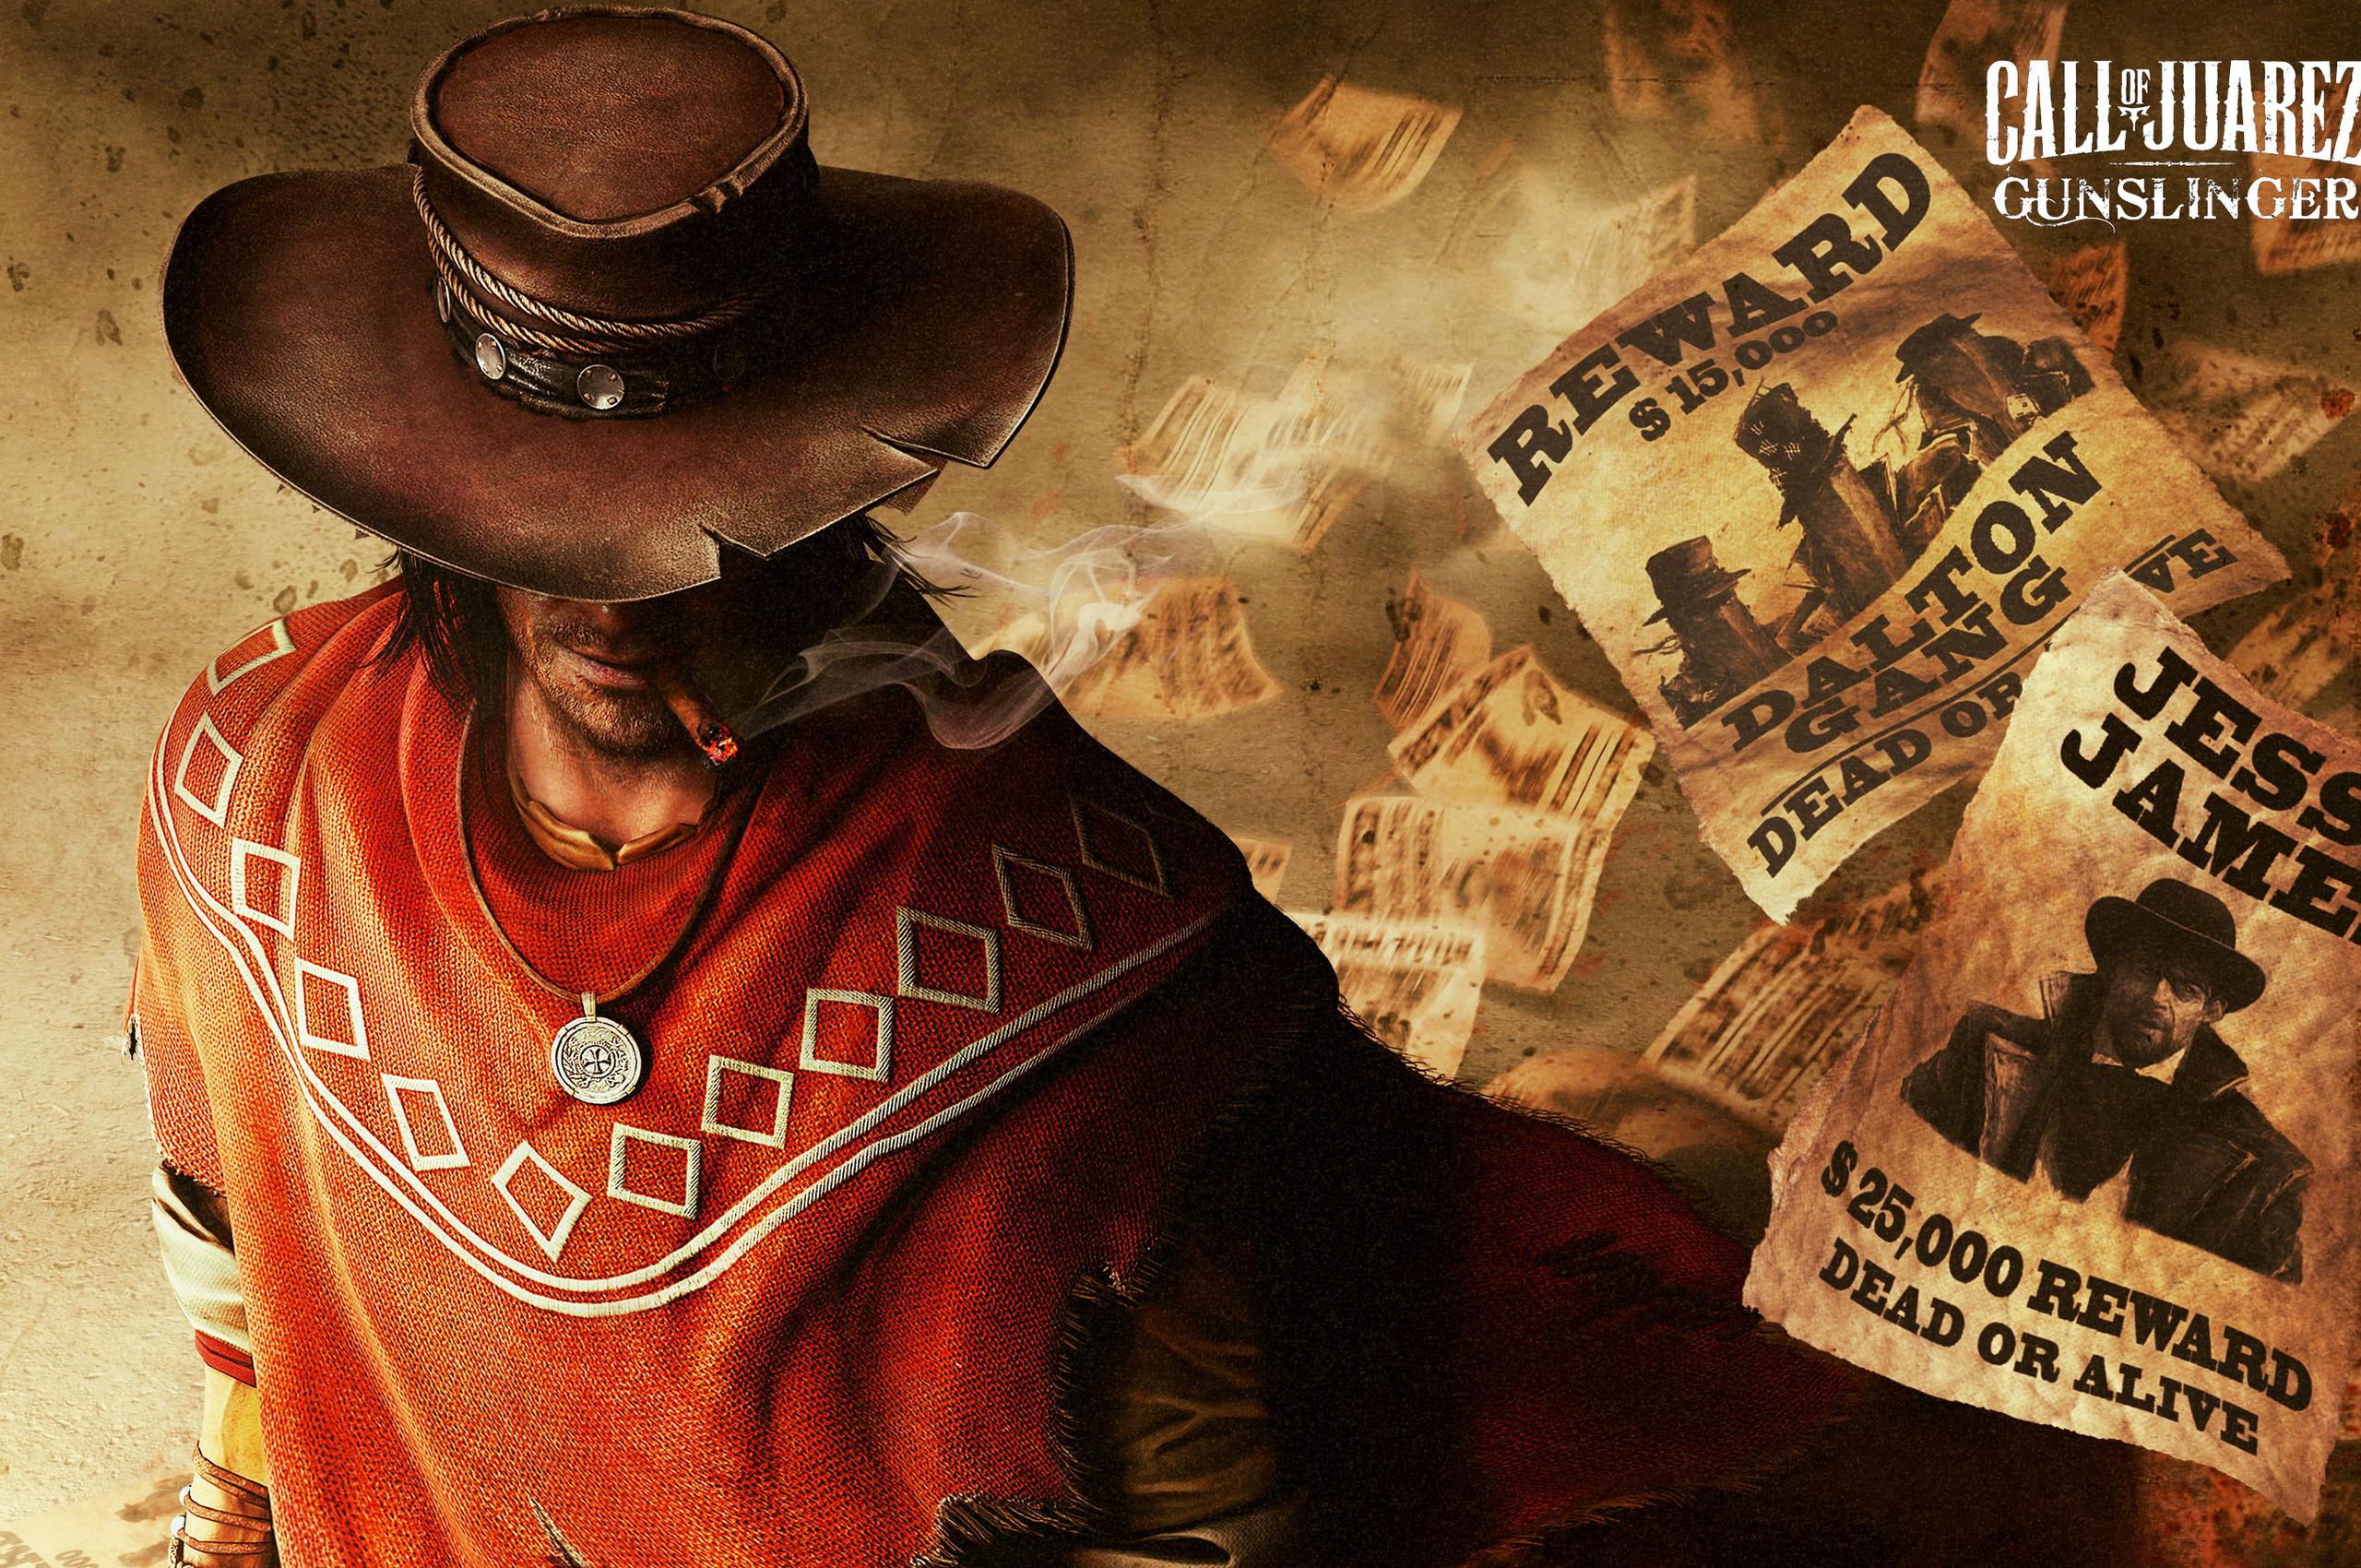 call-of-juarez-gunslinger.jpg